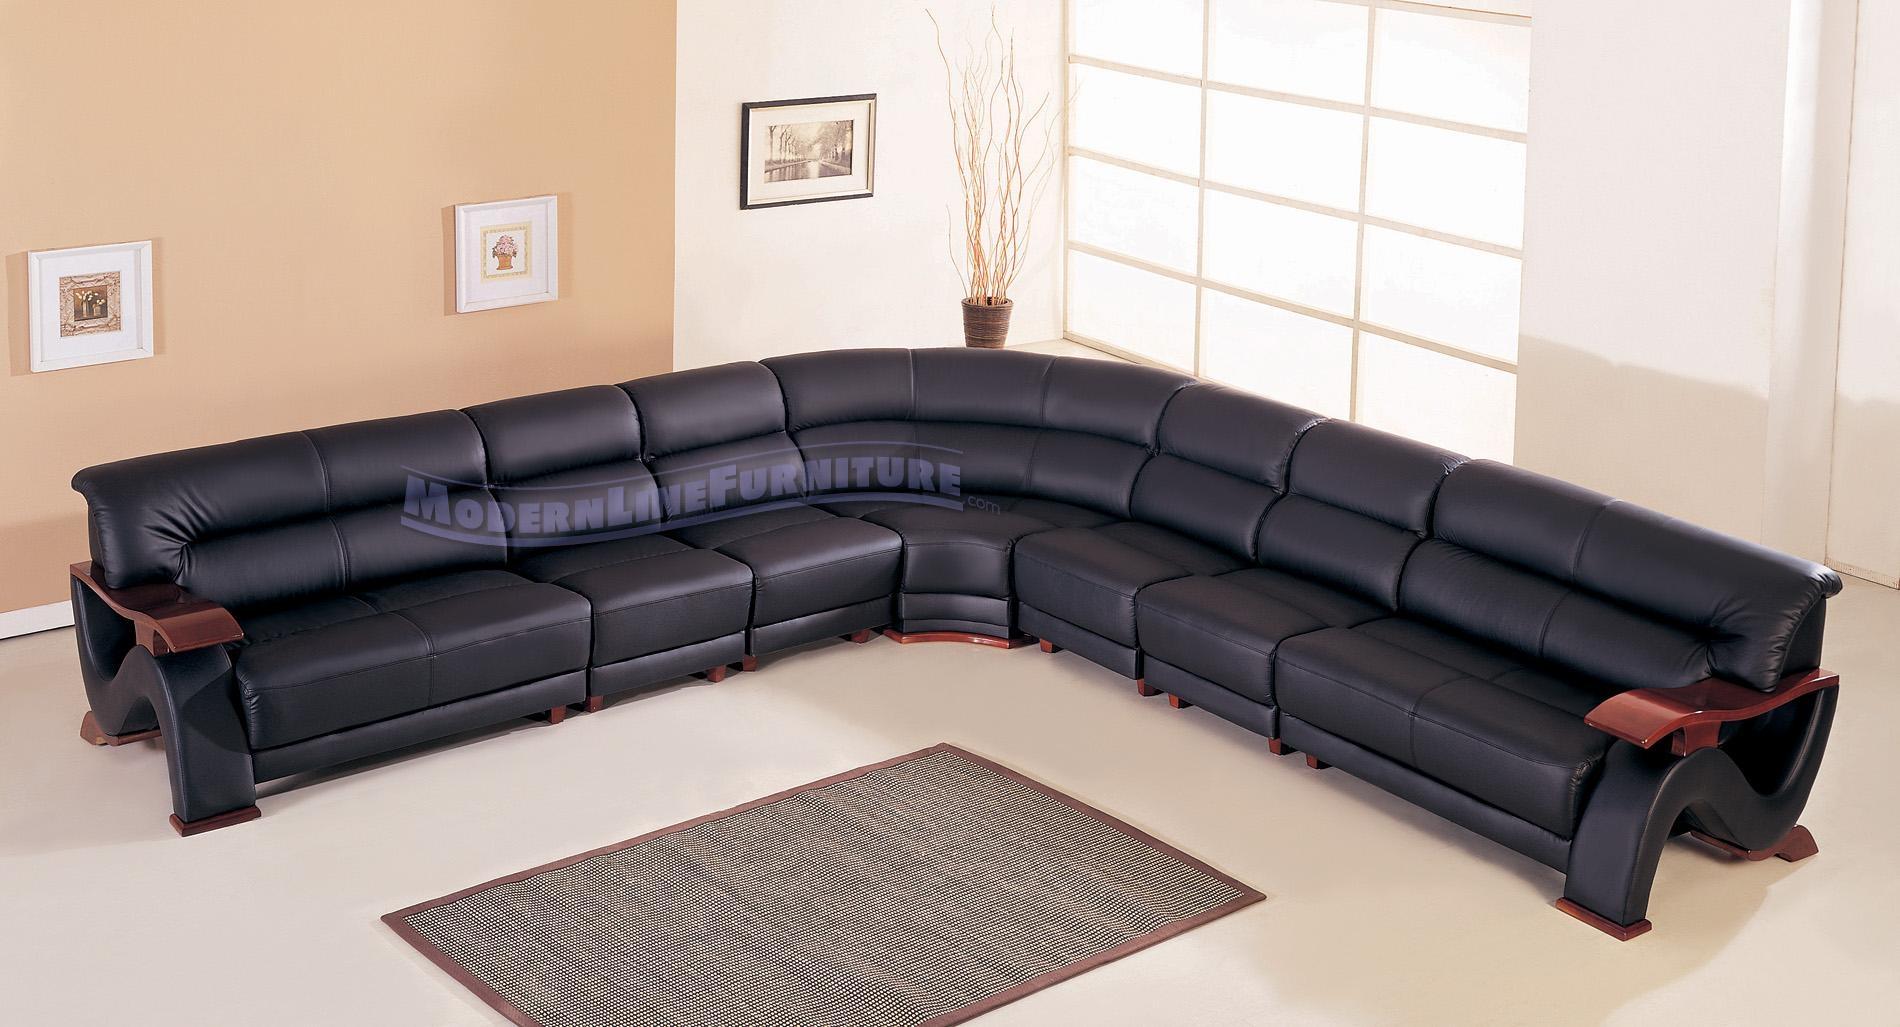 Sofa Ideas Long Modern Sofas Explore 14 of 20 Photos